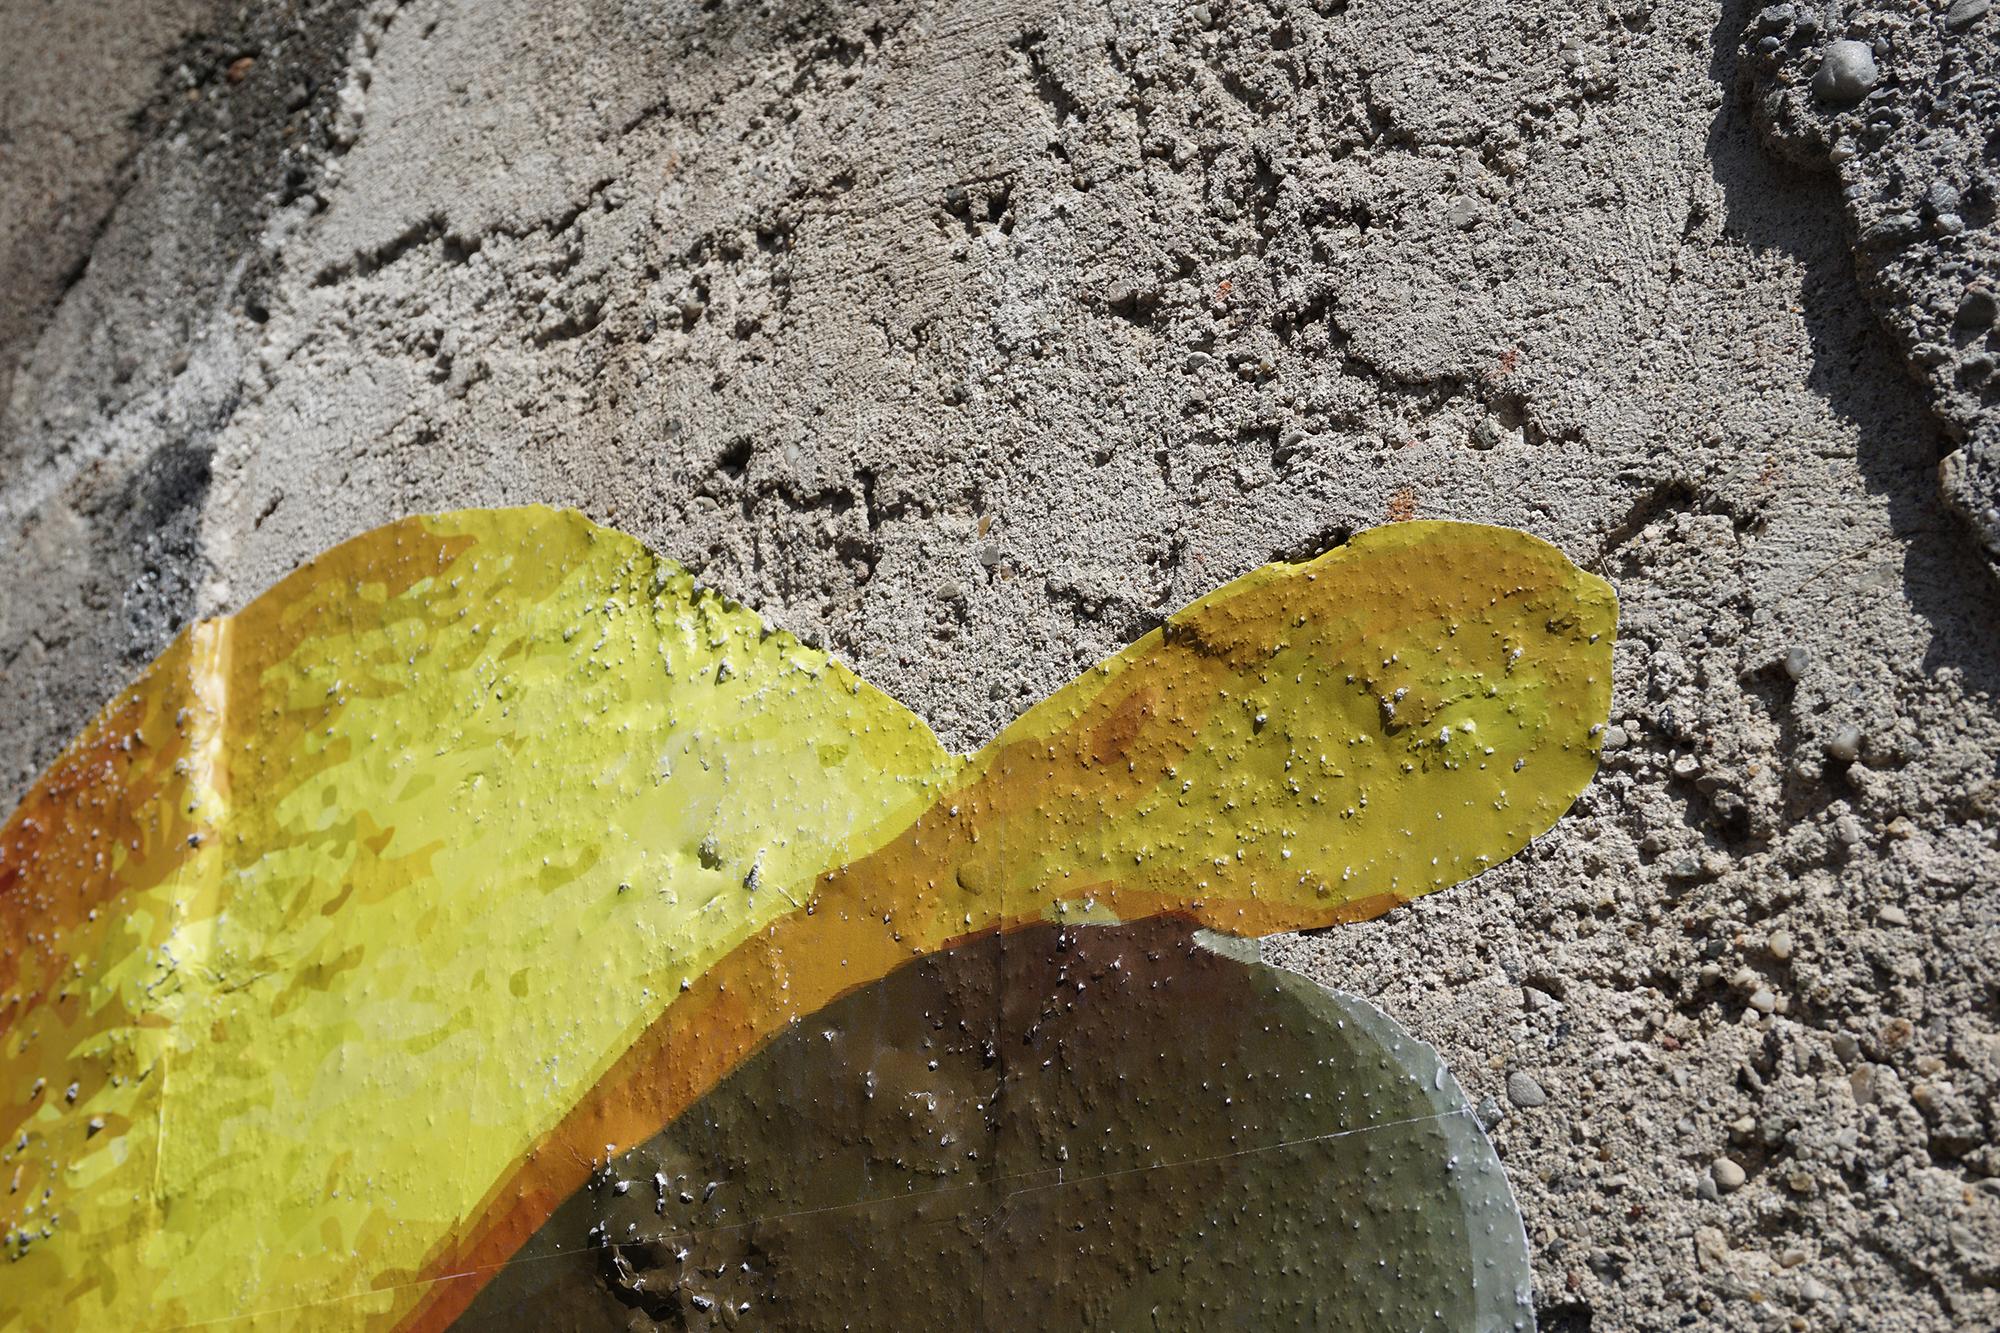 Ampparito, Pringle